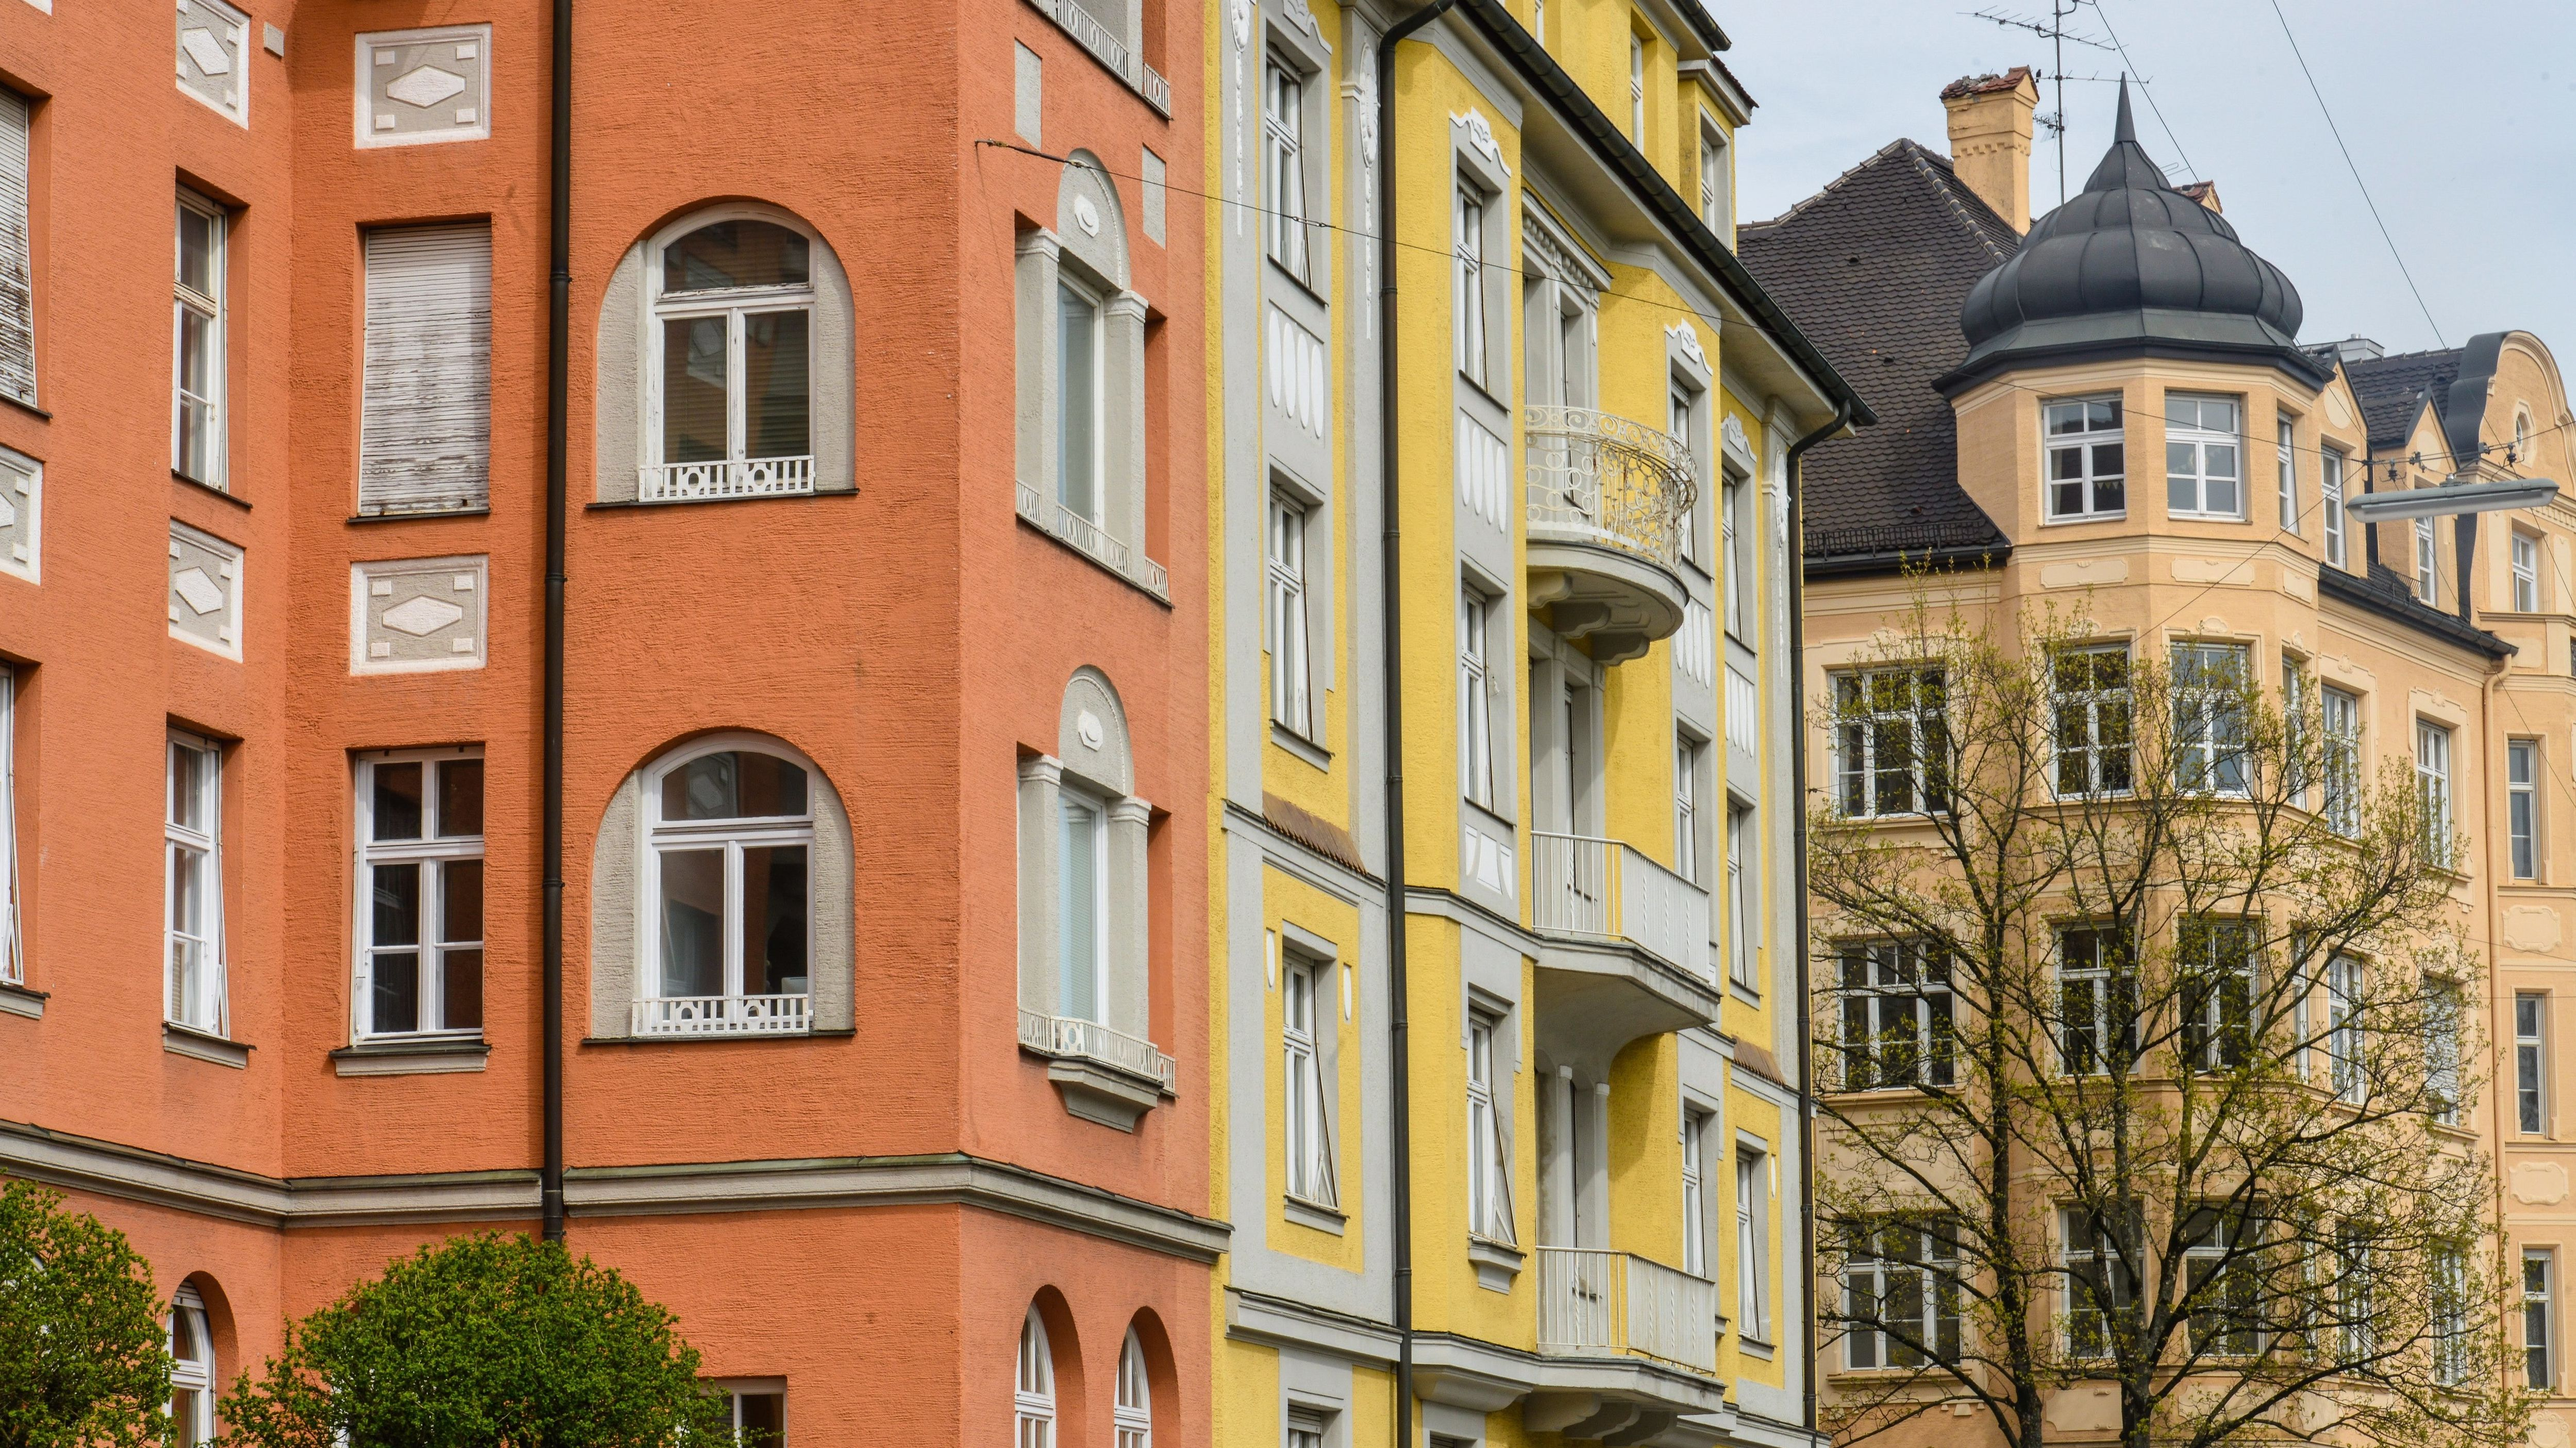 Altbau-Wohnungen an der Clemensstraße in München-Schwabing